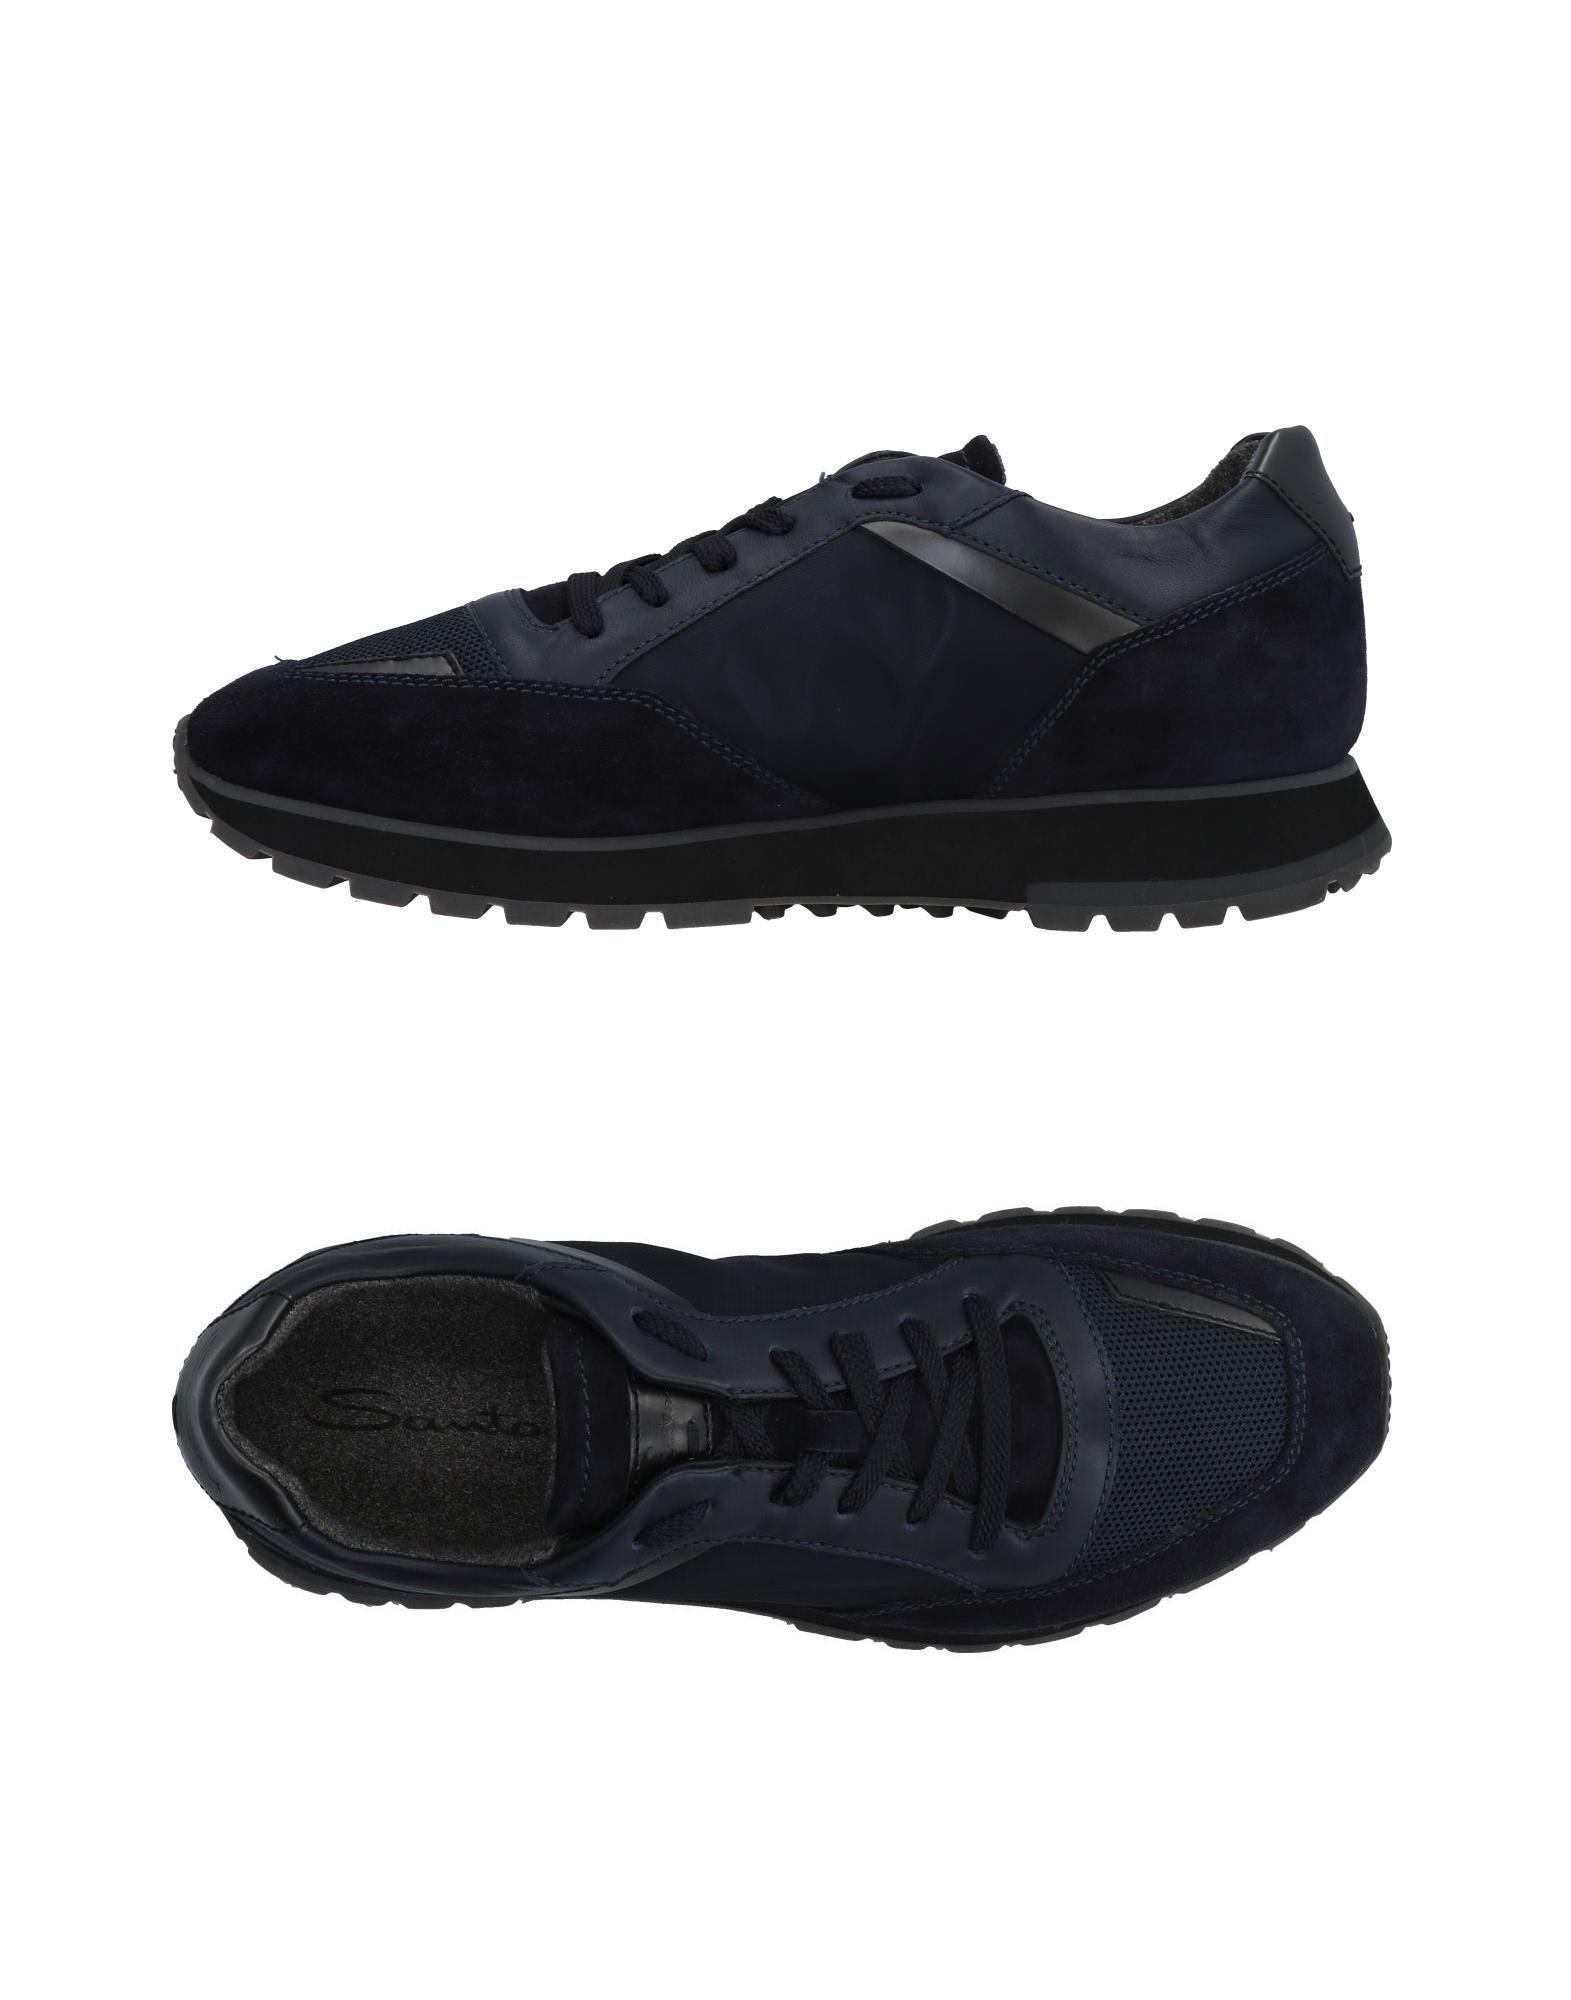 Zapatos Zapatillas casuales salvajes  Zapatillas Santoni Hombre - Zapatillas Zapatos Santoni 87abdd